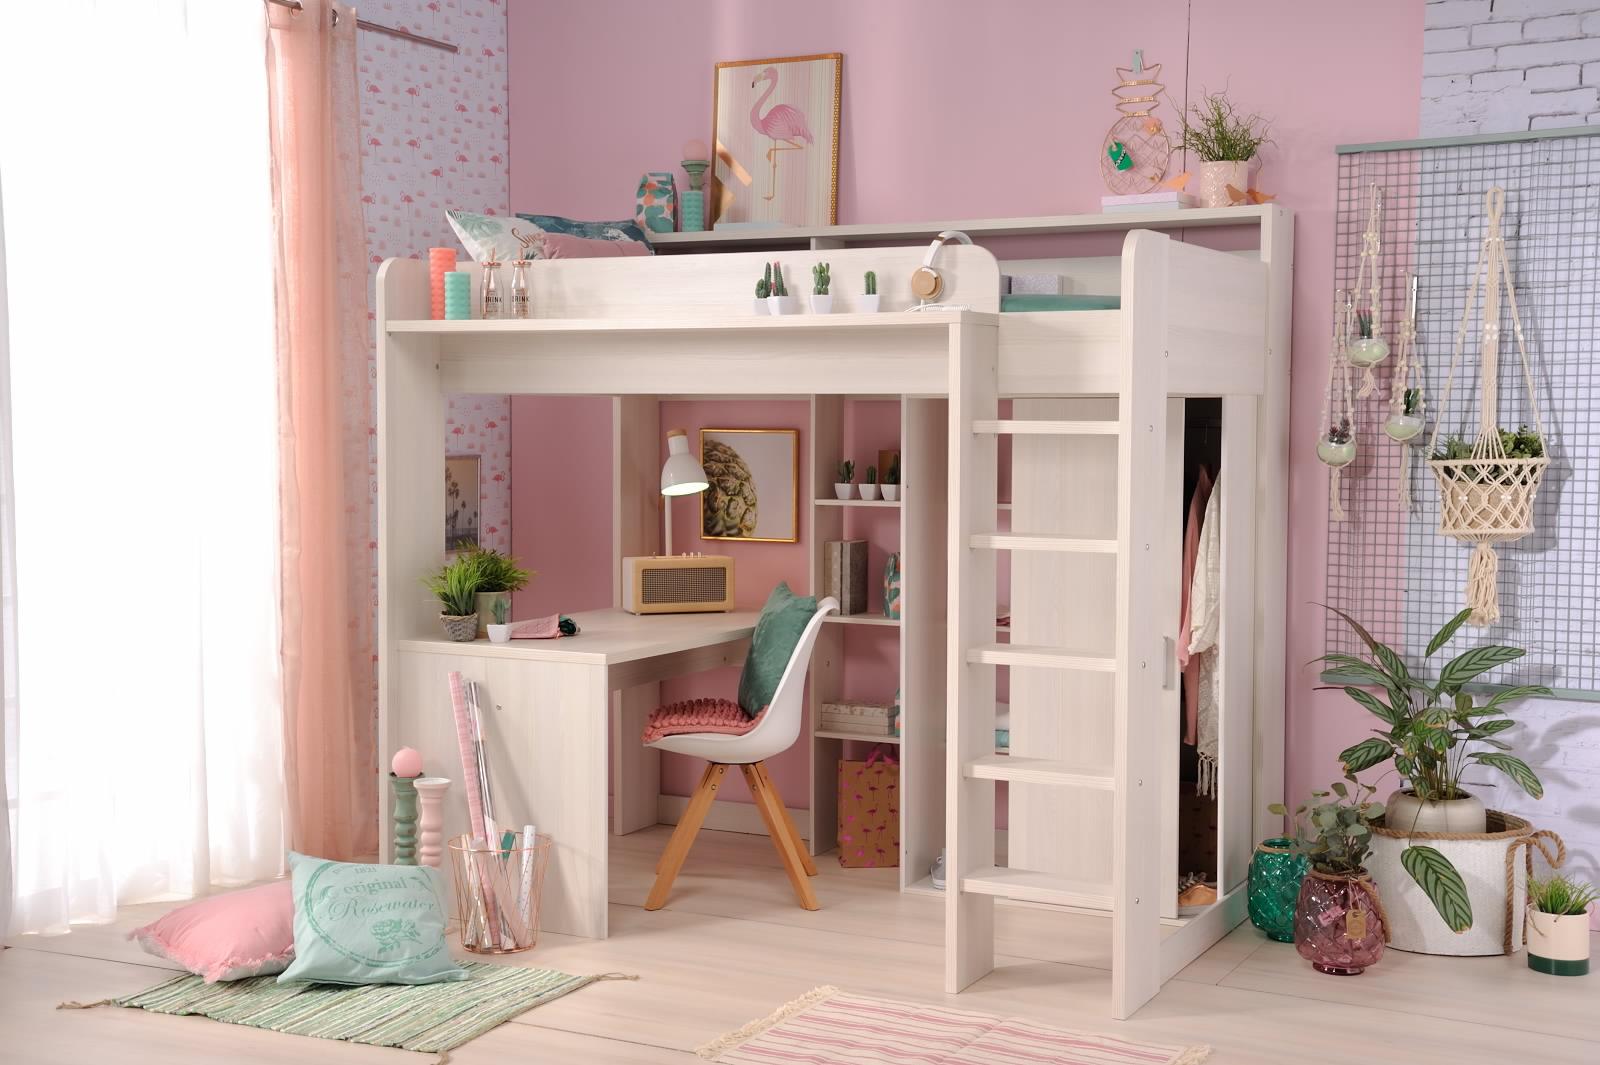 hochbett mit schreibtisch und regal. Black Bedroom Furniture Sets. Home Design Ideas